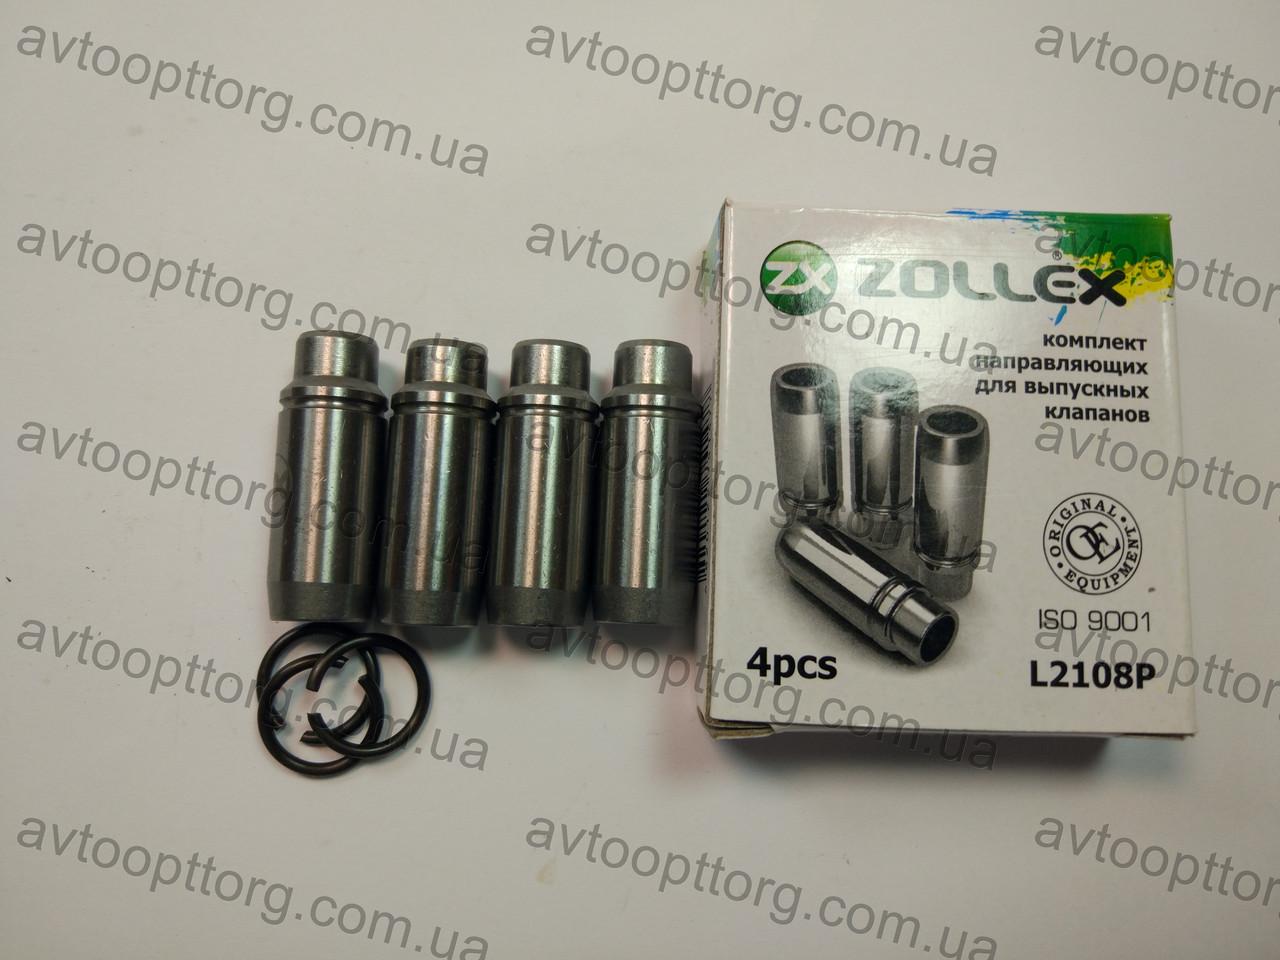 Направляющие клапанов  ВАЗ 2108, 2109, 21099 выпуск ZOLLEX (L2108P)